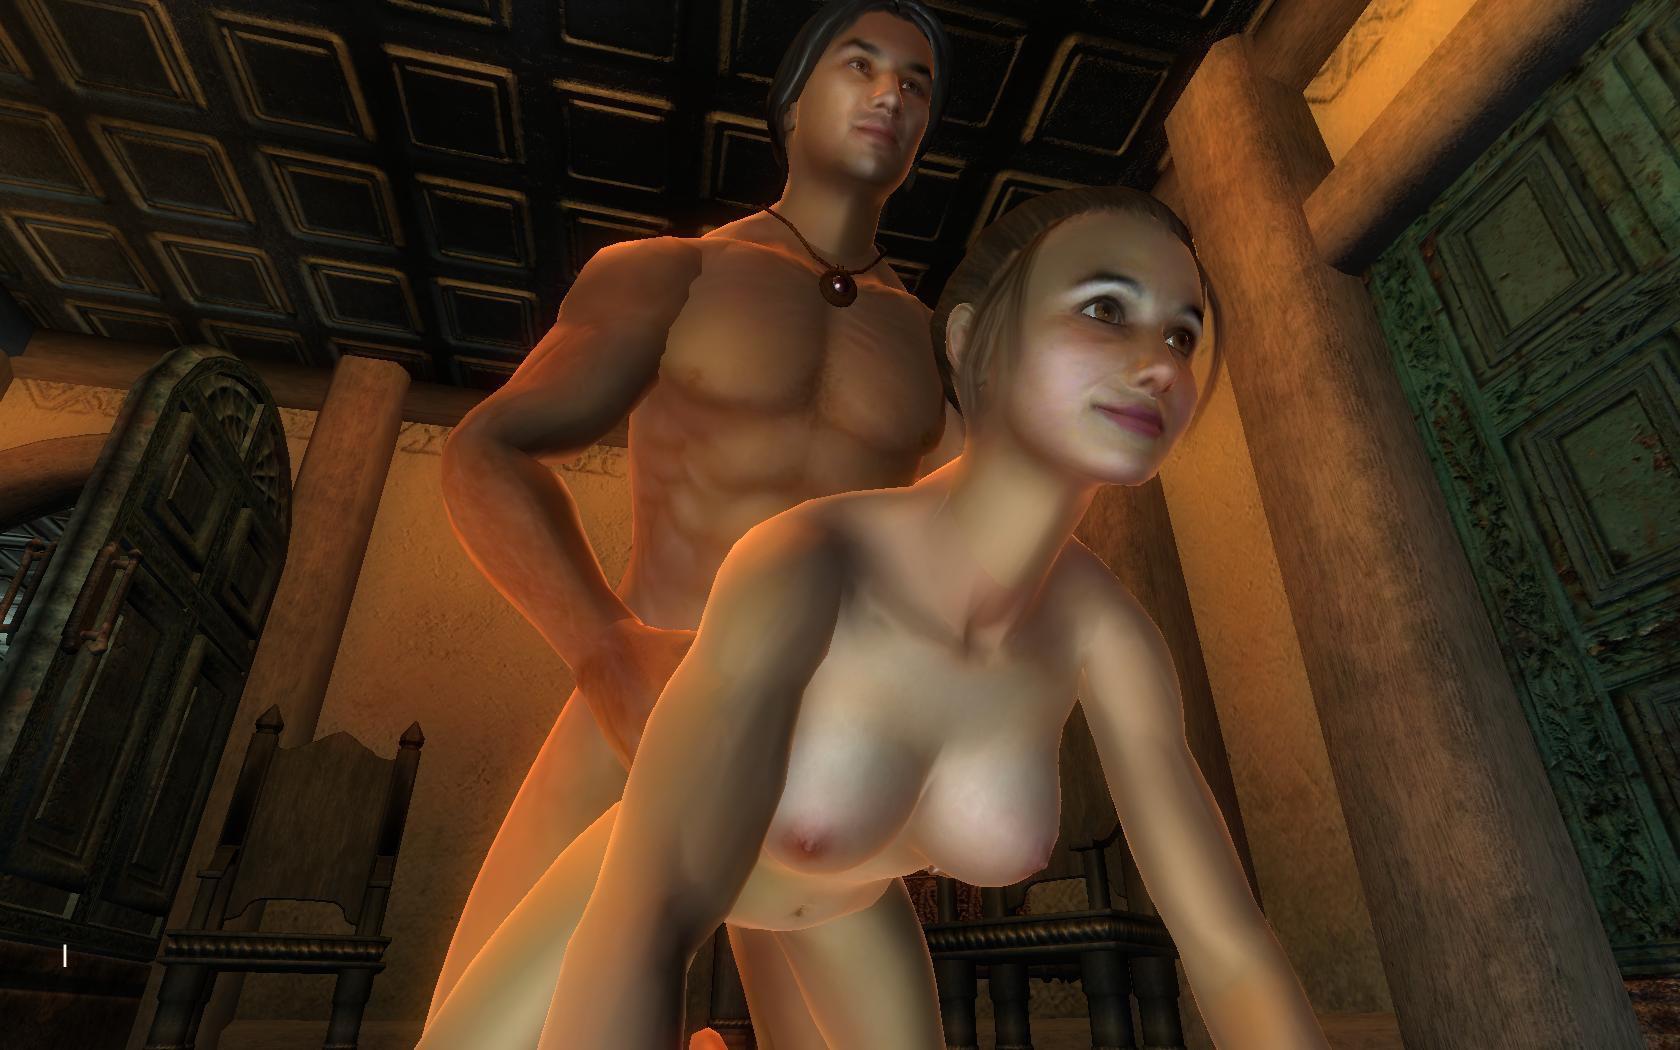 Oblivion game lesbian porn nackt clips